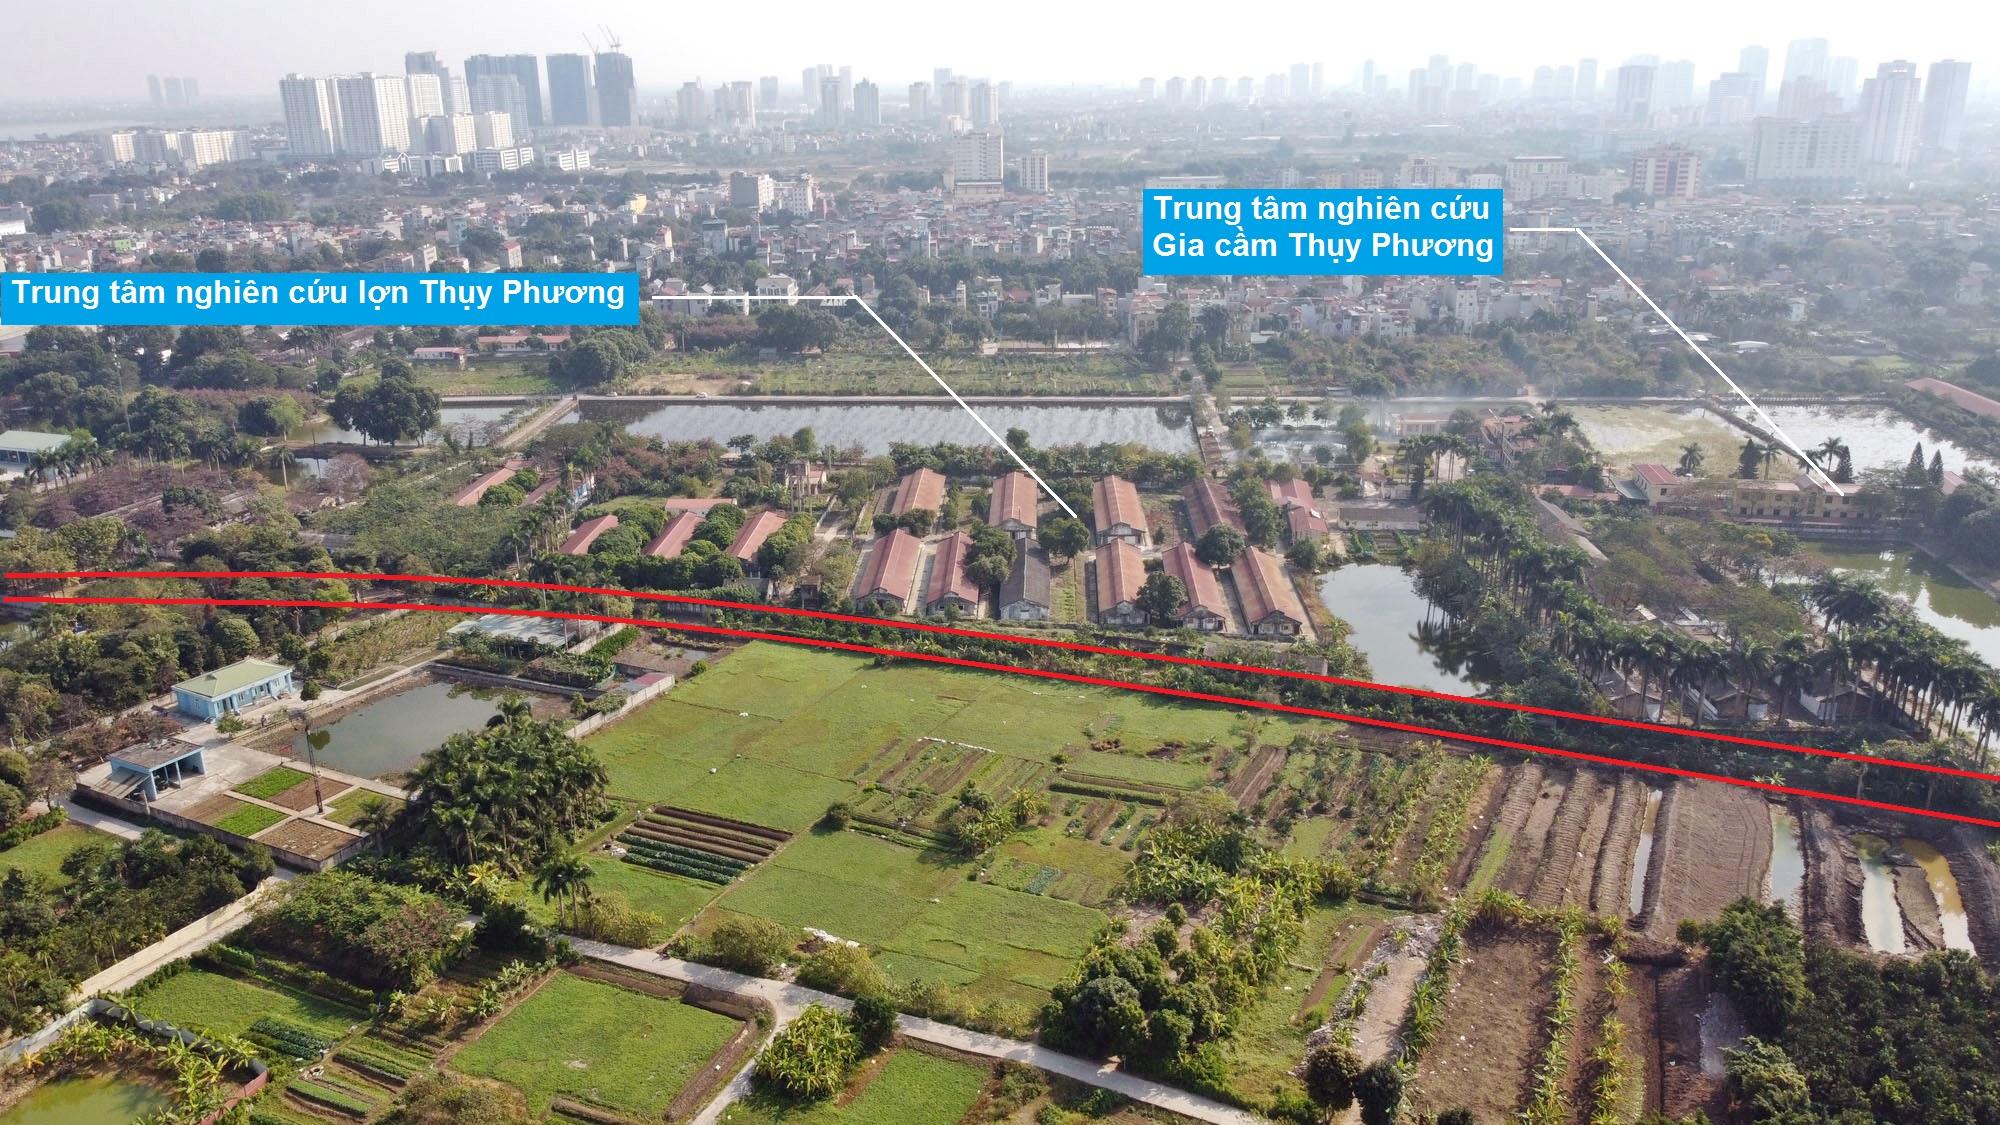 Ba đường sẽ mở theo qui hoạch ở phường Thụy Phương, Bắc Từ Liêm, Hà Nội (phần 2) - Ảnh 4.